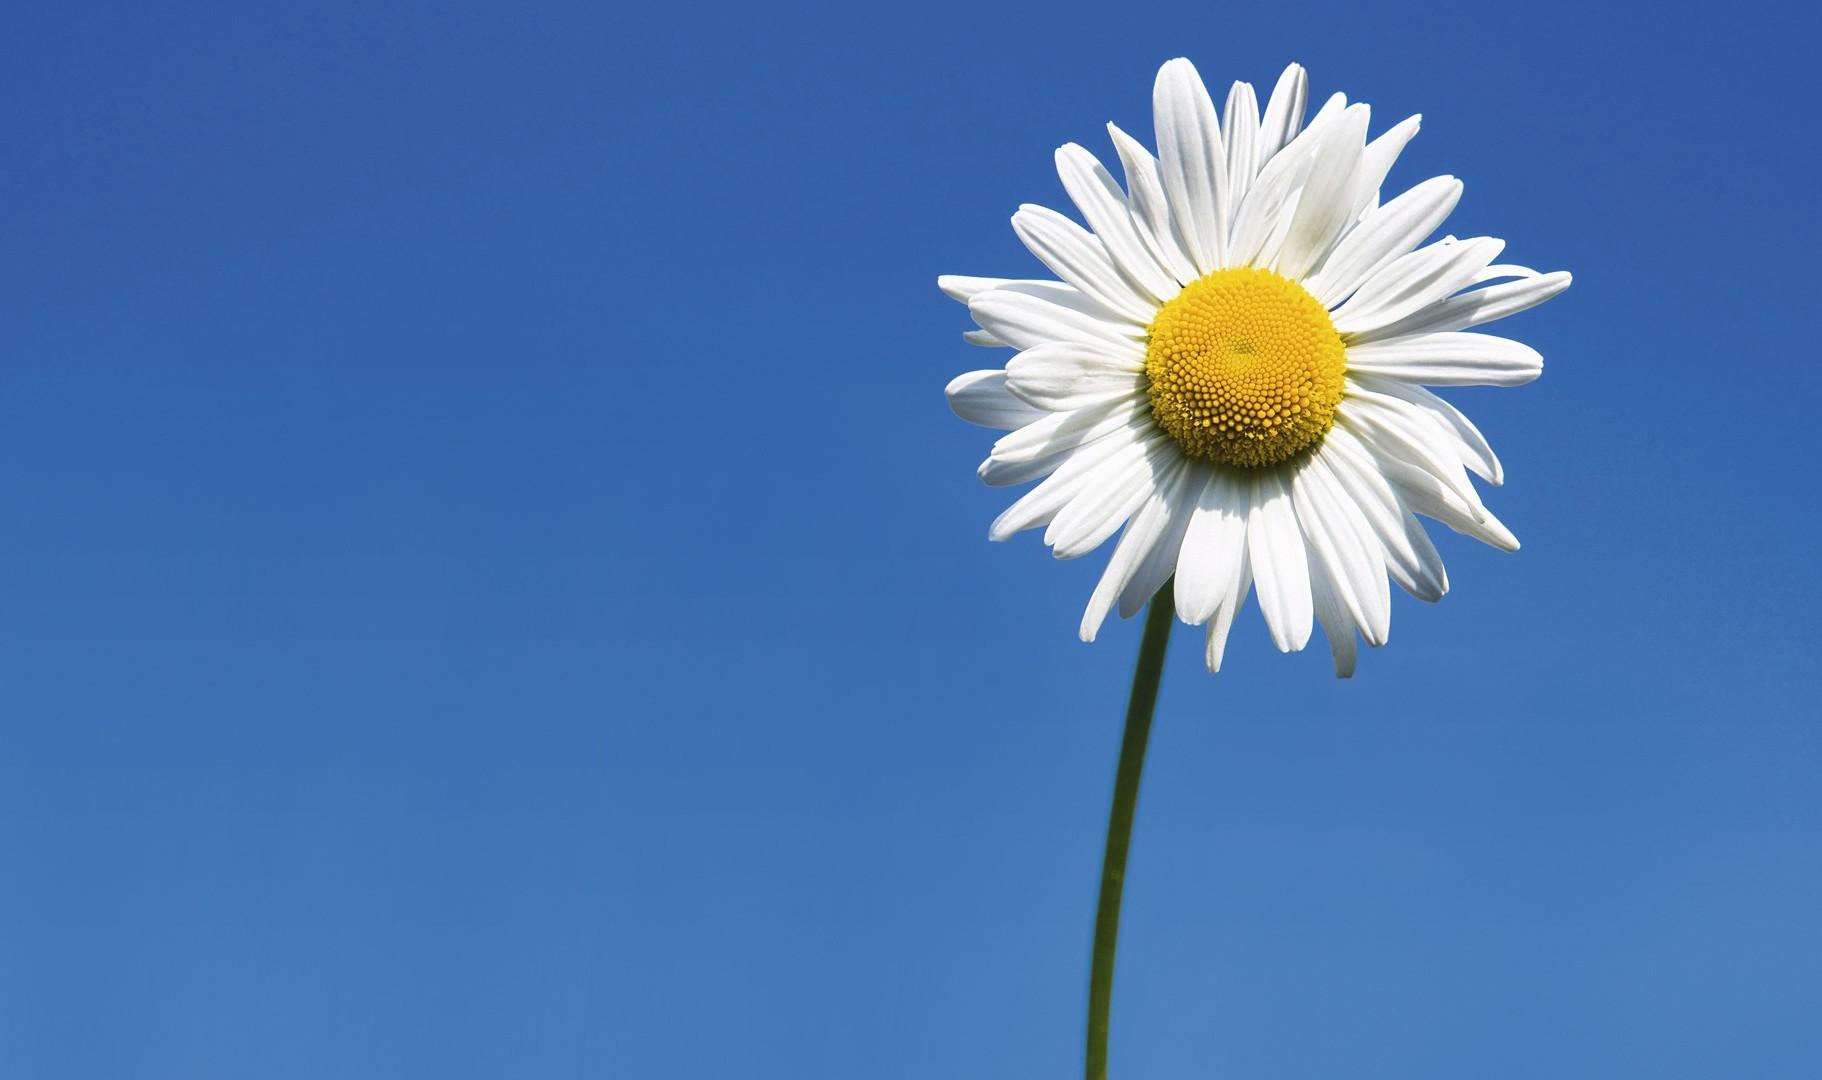 flowers-single-flower-daisy-nature-white-daisies-wallpaper-nexus.jpg